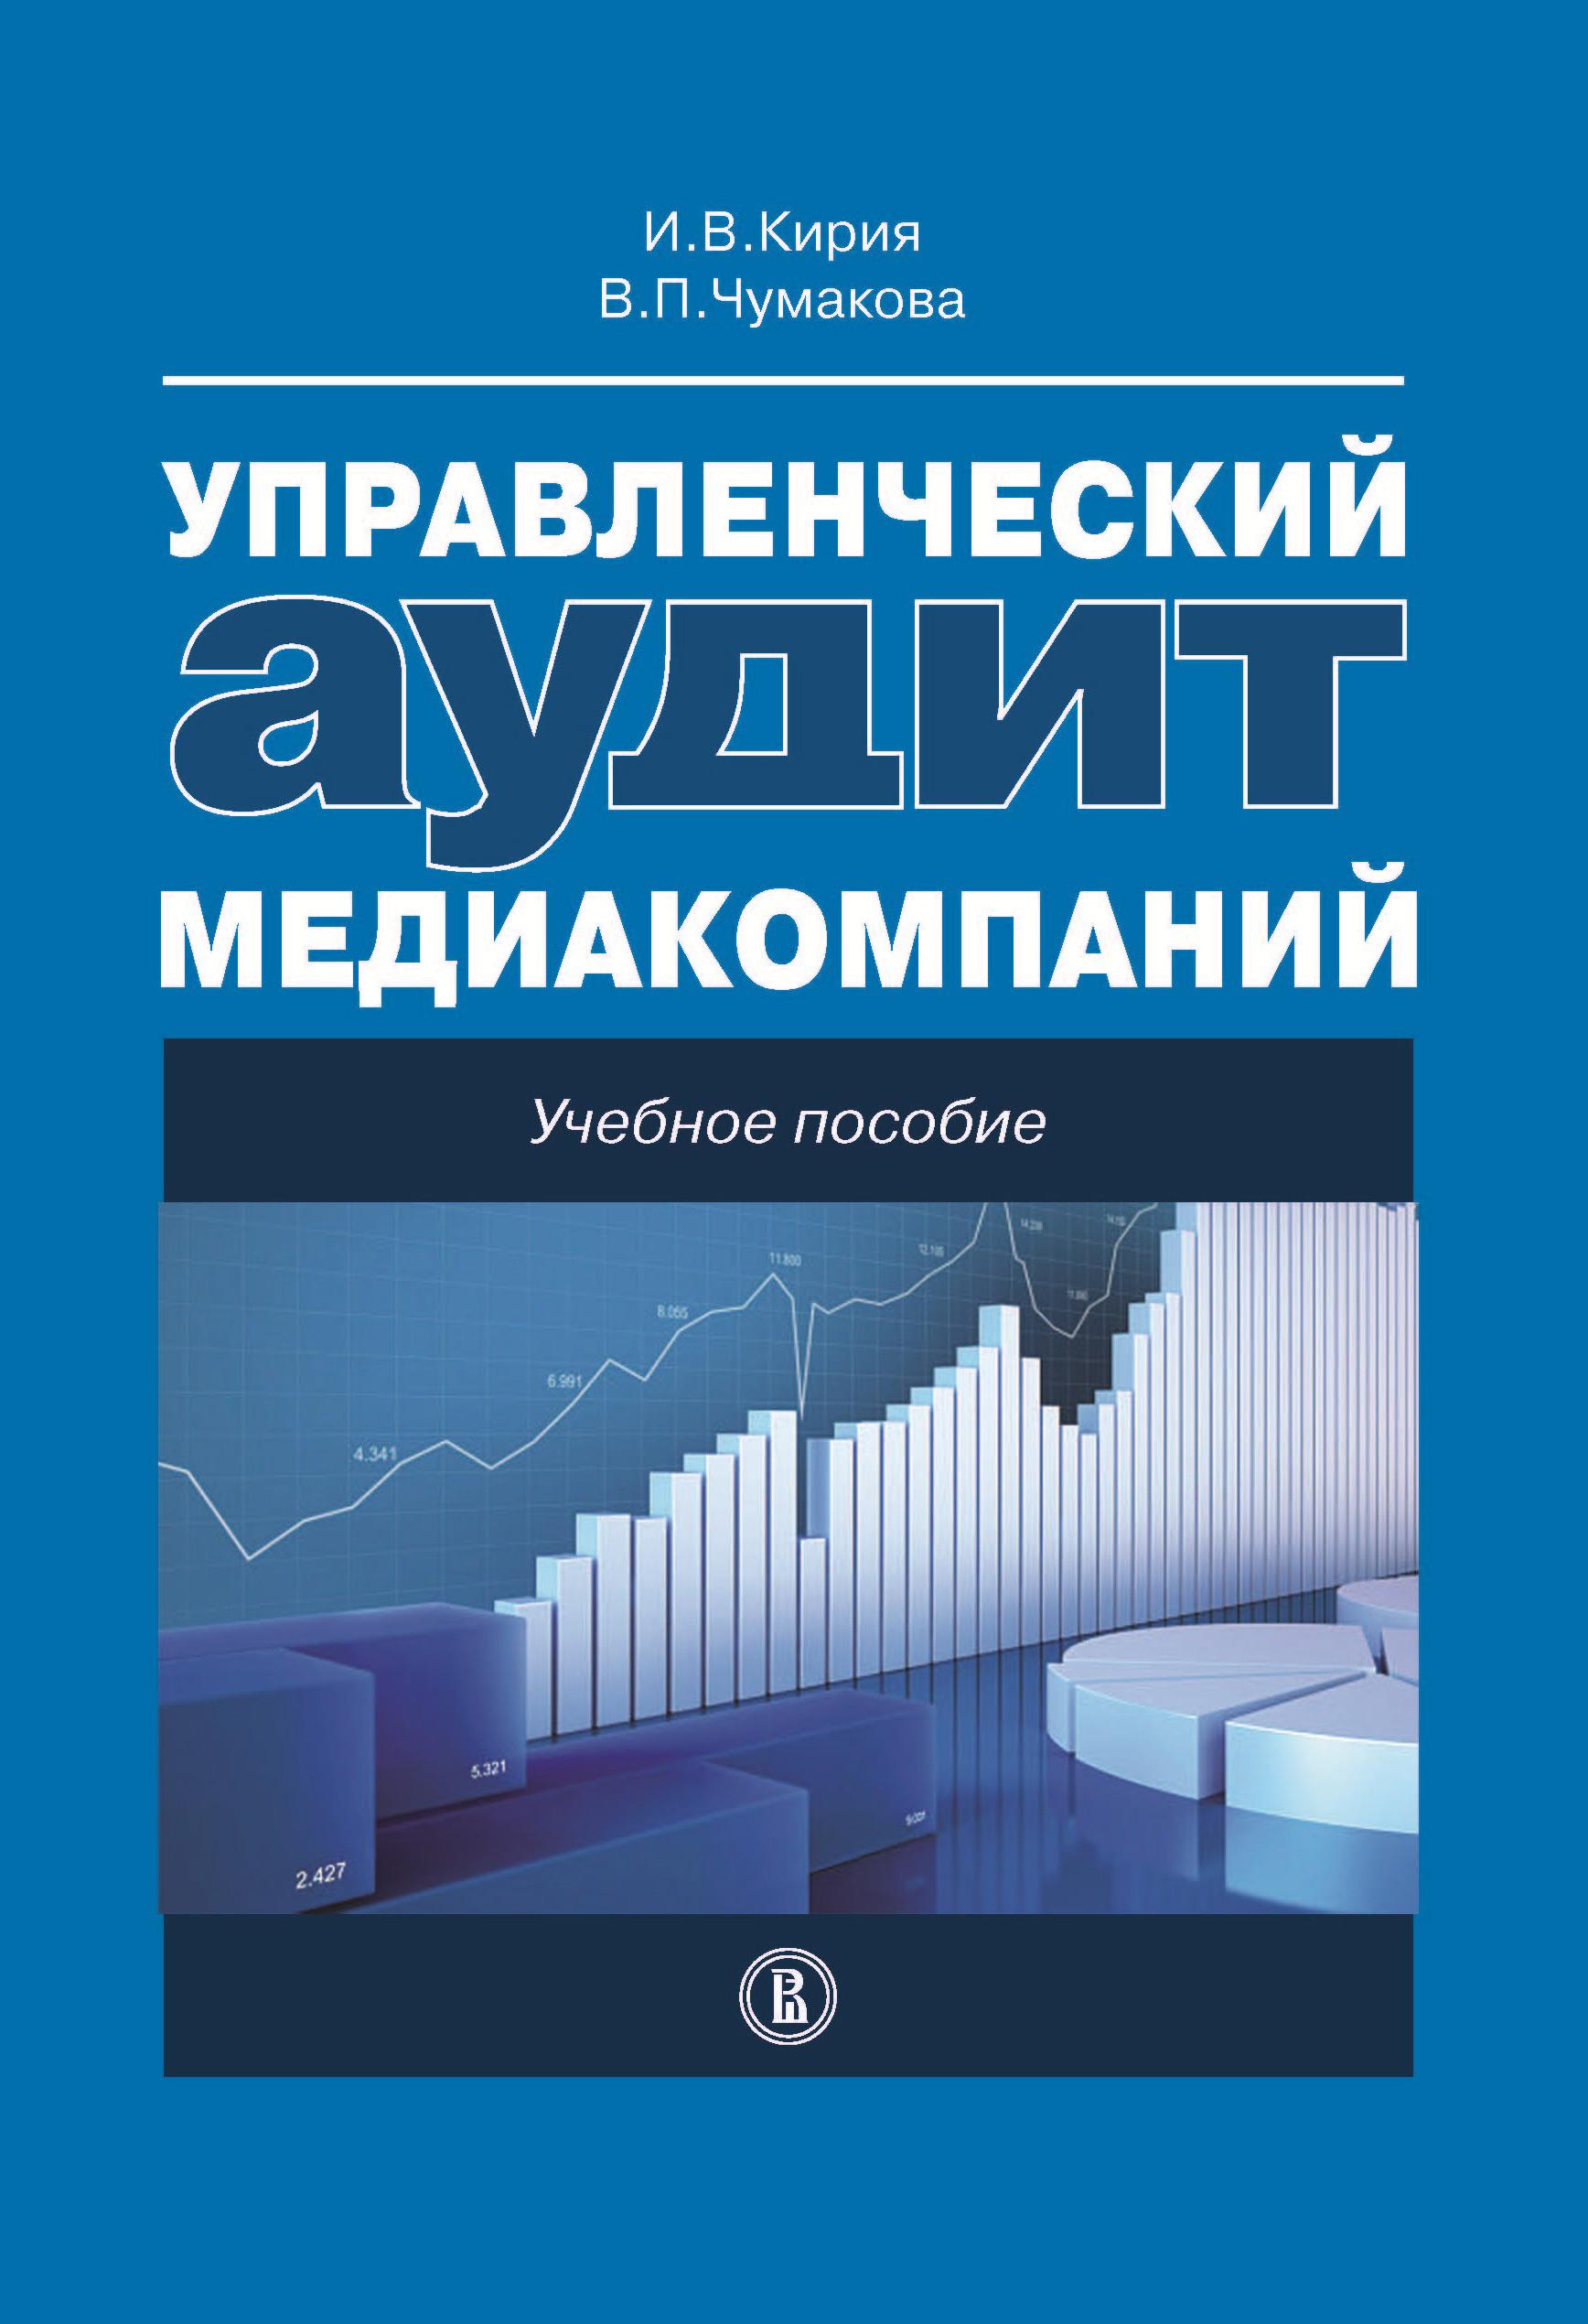 фото обложки издания Управленческий аудит медиакомпаний